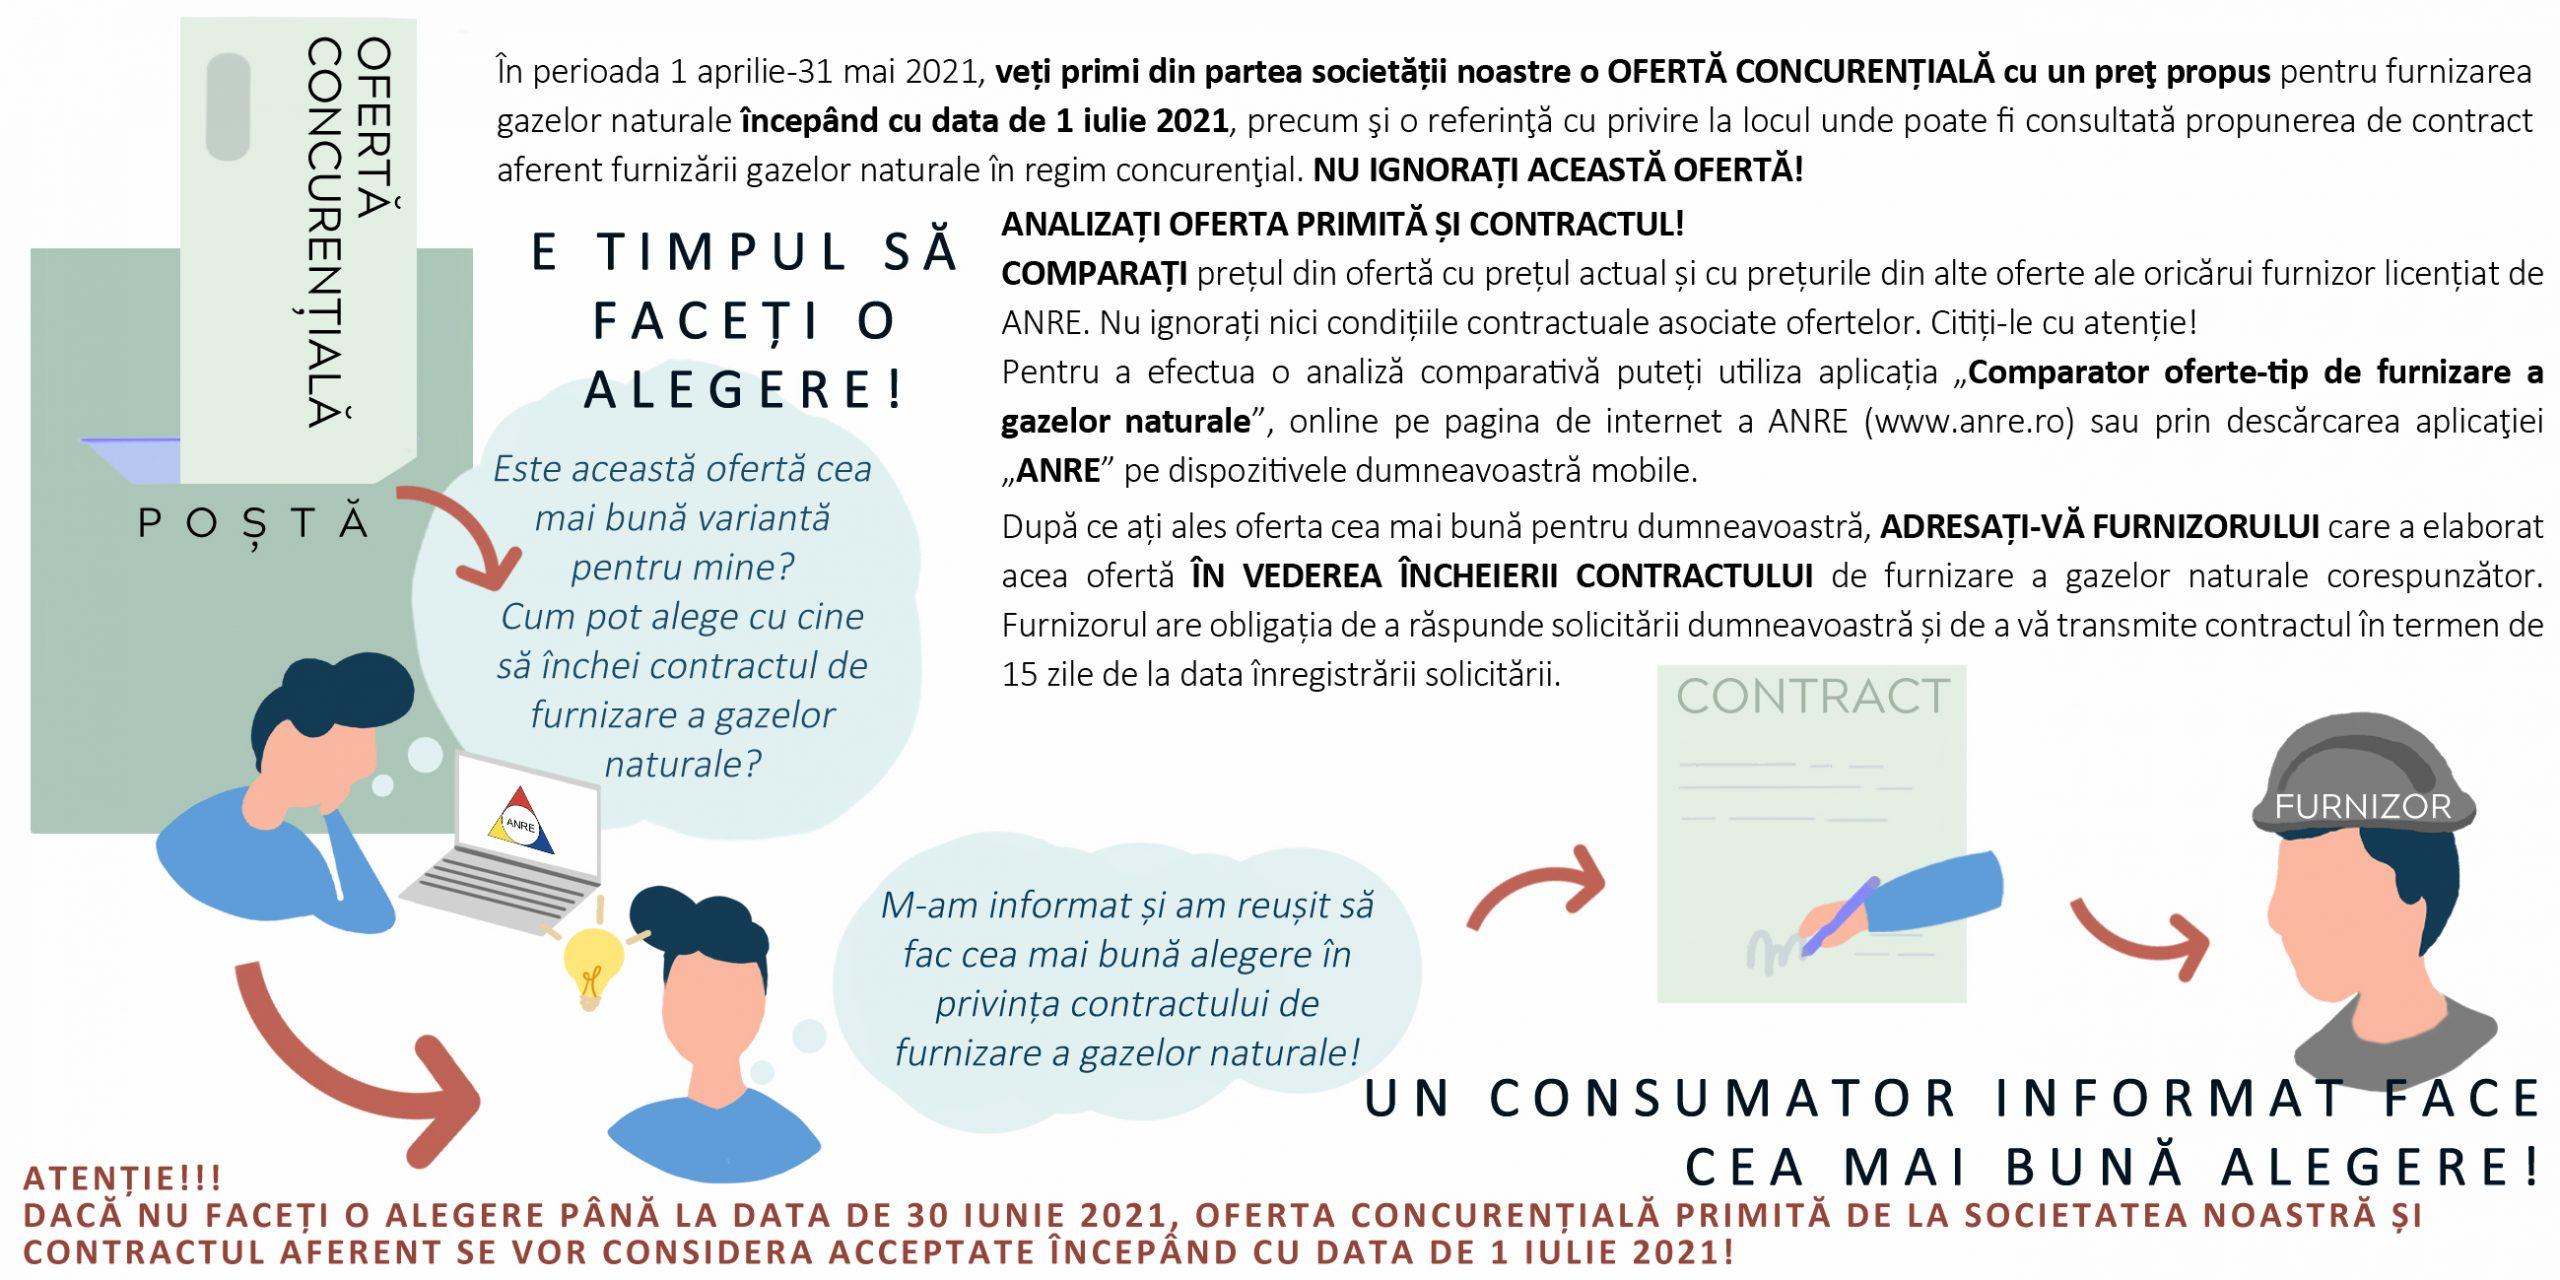 Informare consumatori